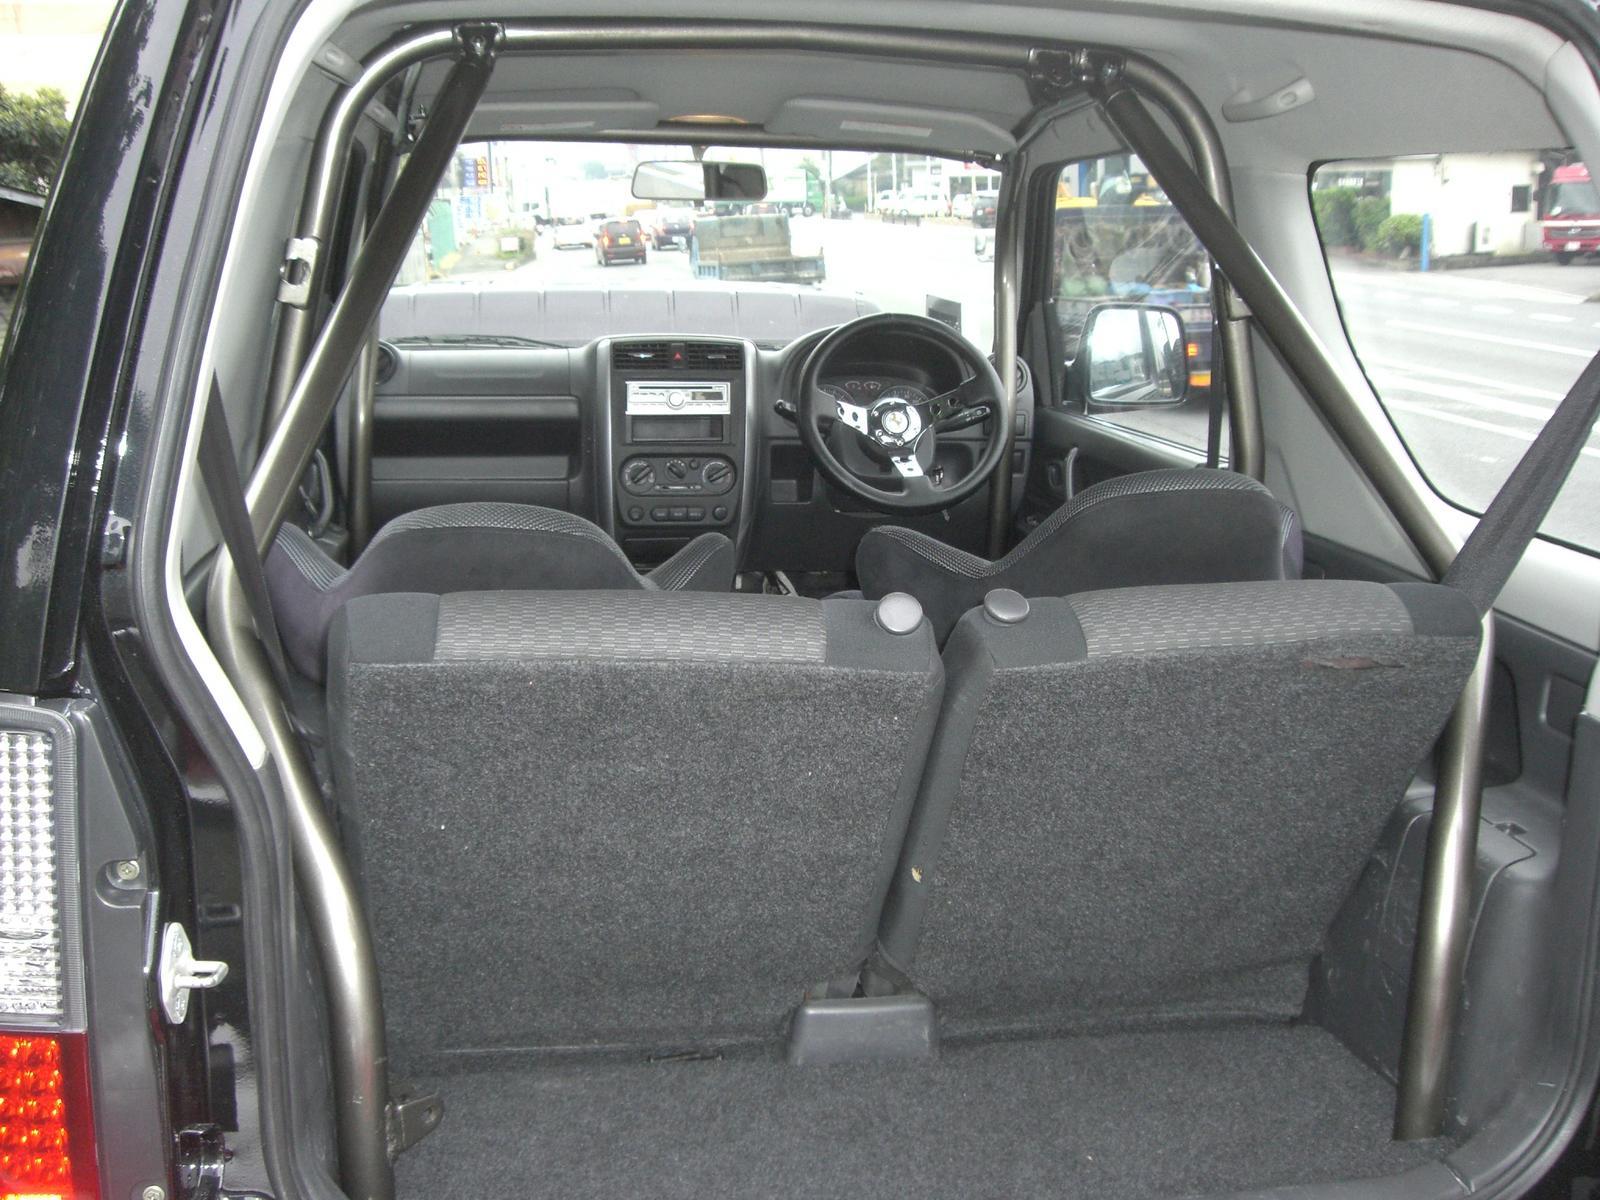 無料サンプルOK ジムニーJB23 HB1stロールバー23タイプF基本スチール黒塗り6点式 高級